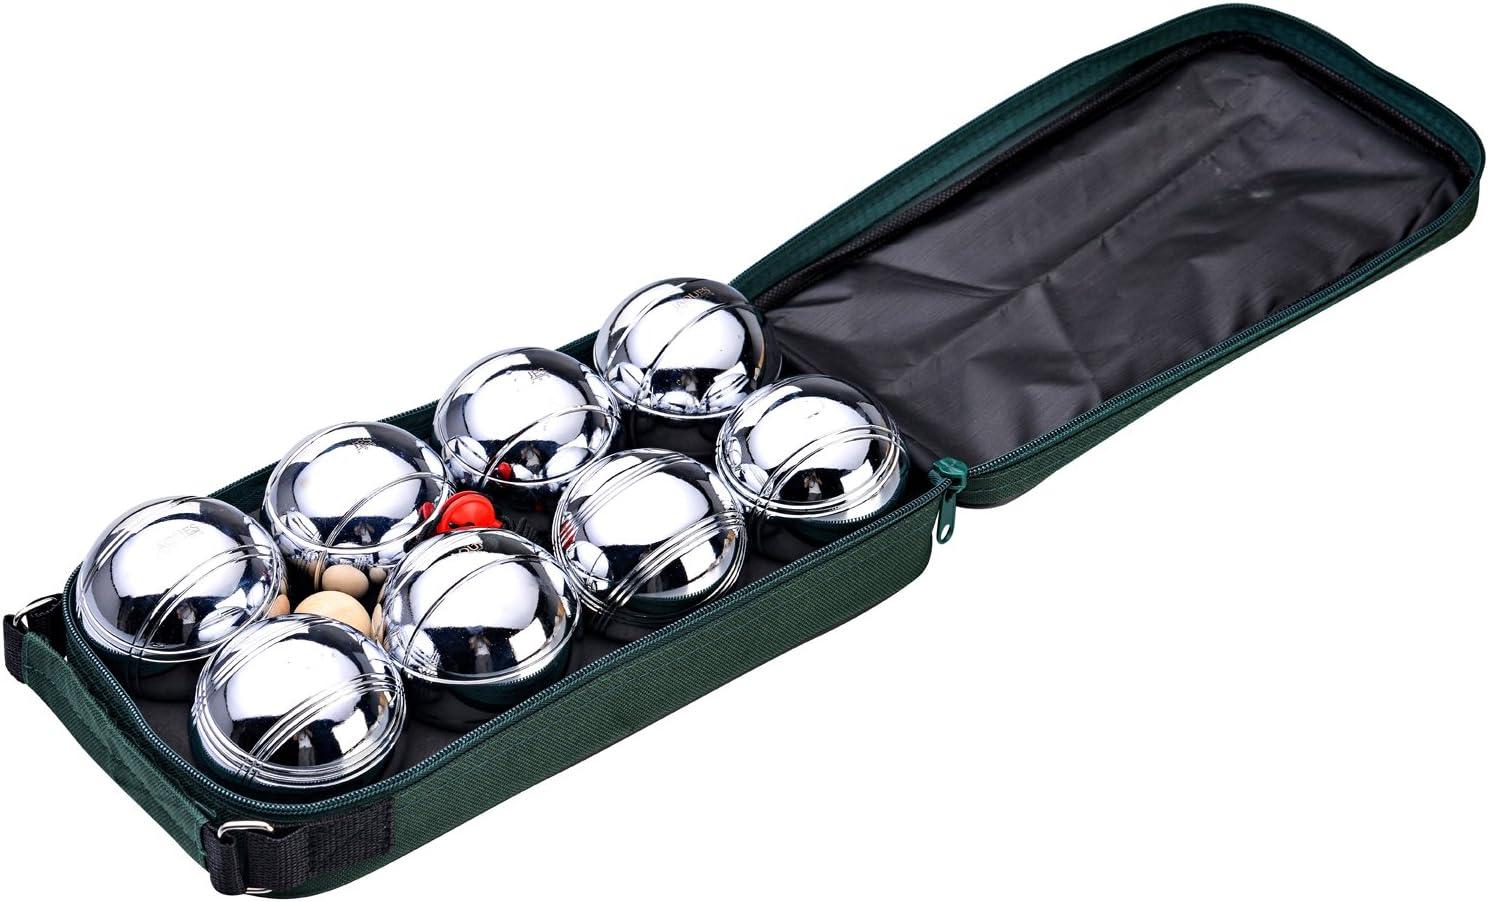 Jaques of London - Juego de petanca con bolas de acero: Amazon.es: Deportes y aire libre